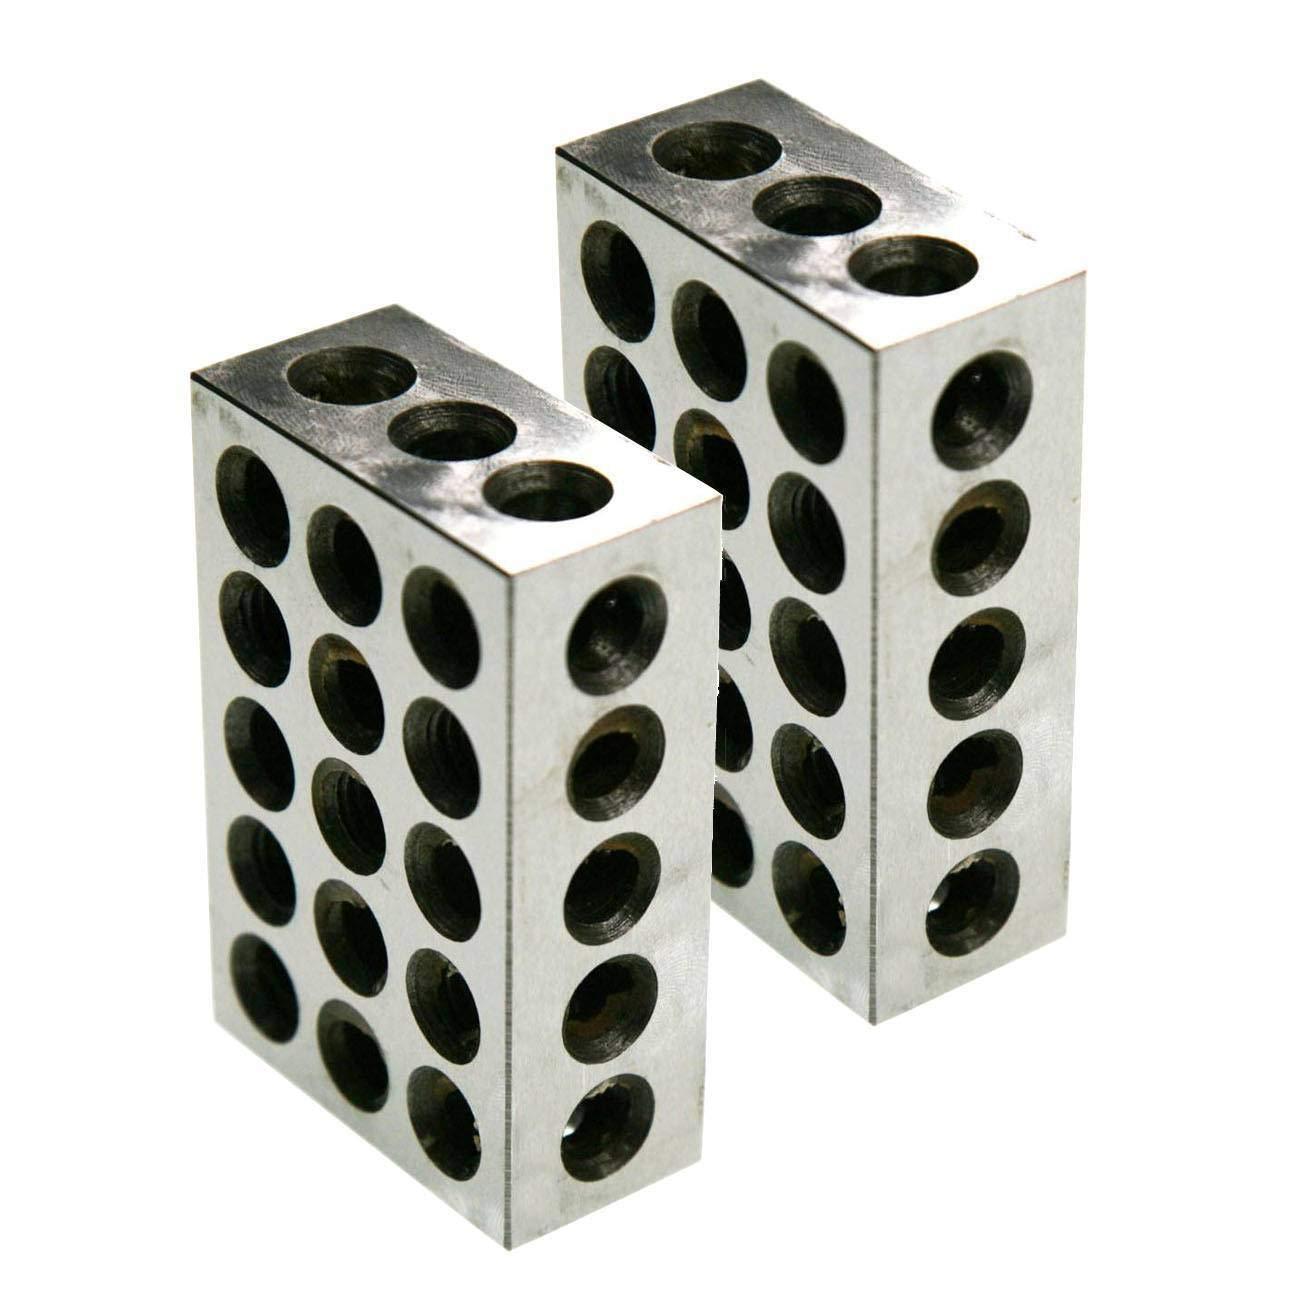 FidgetFidget Precision Steel 1 2 3 Blocks New BL 1-2-3 Pair of 1'' X 2'' X 3''